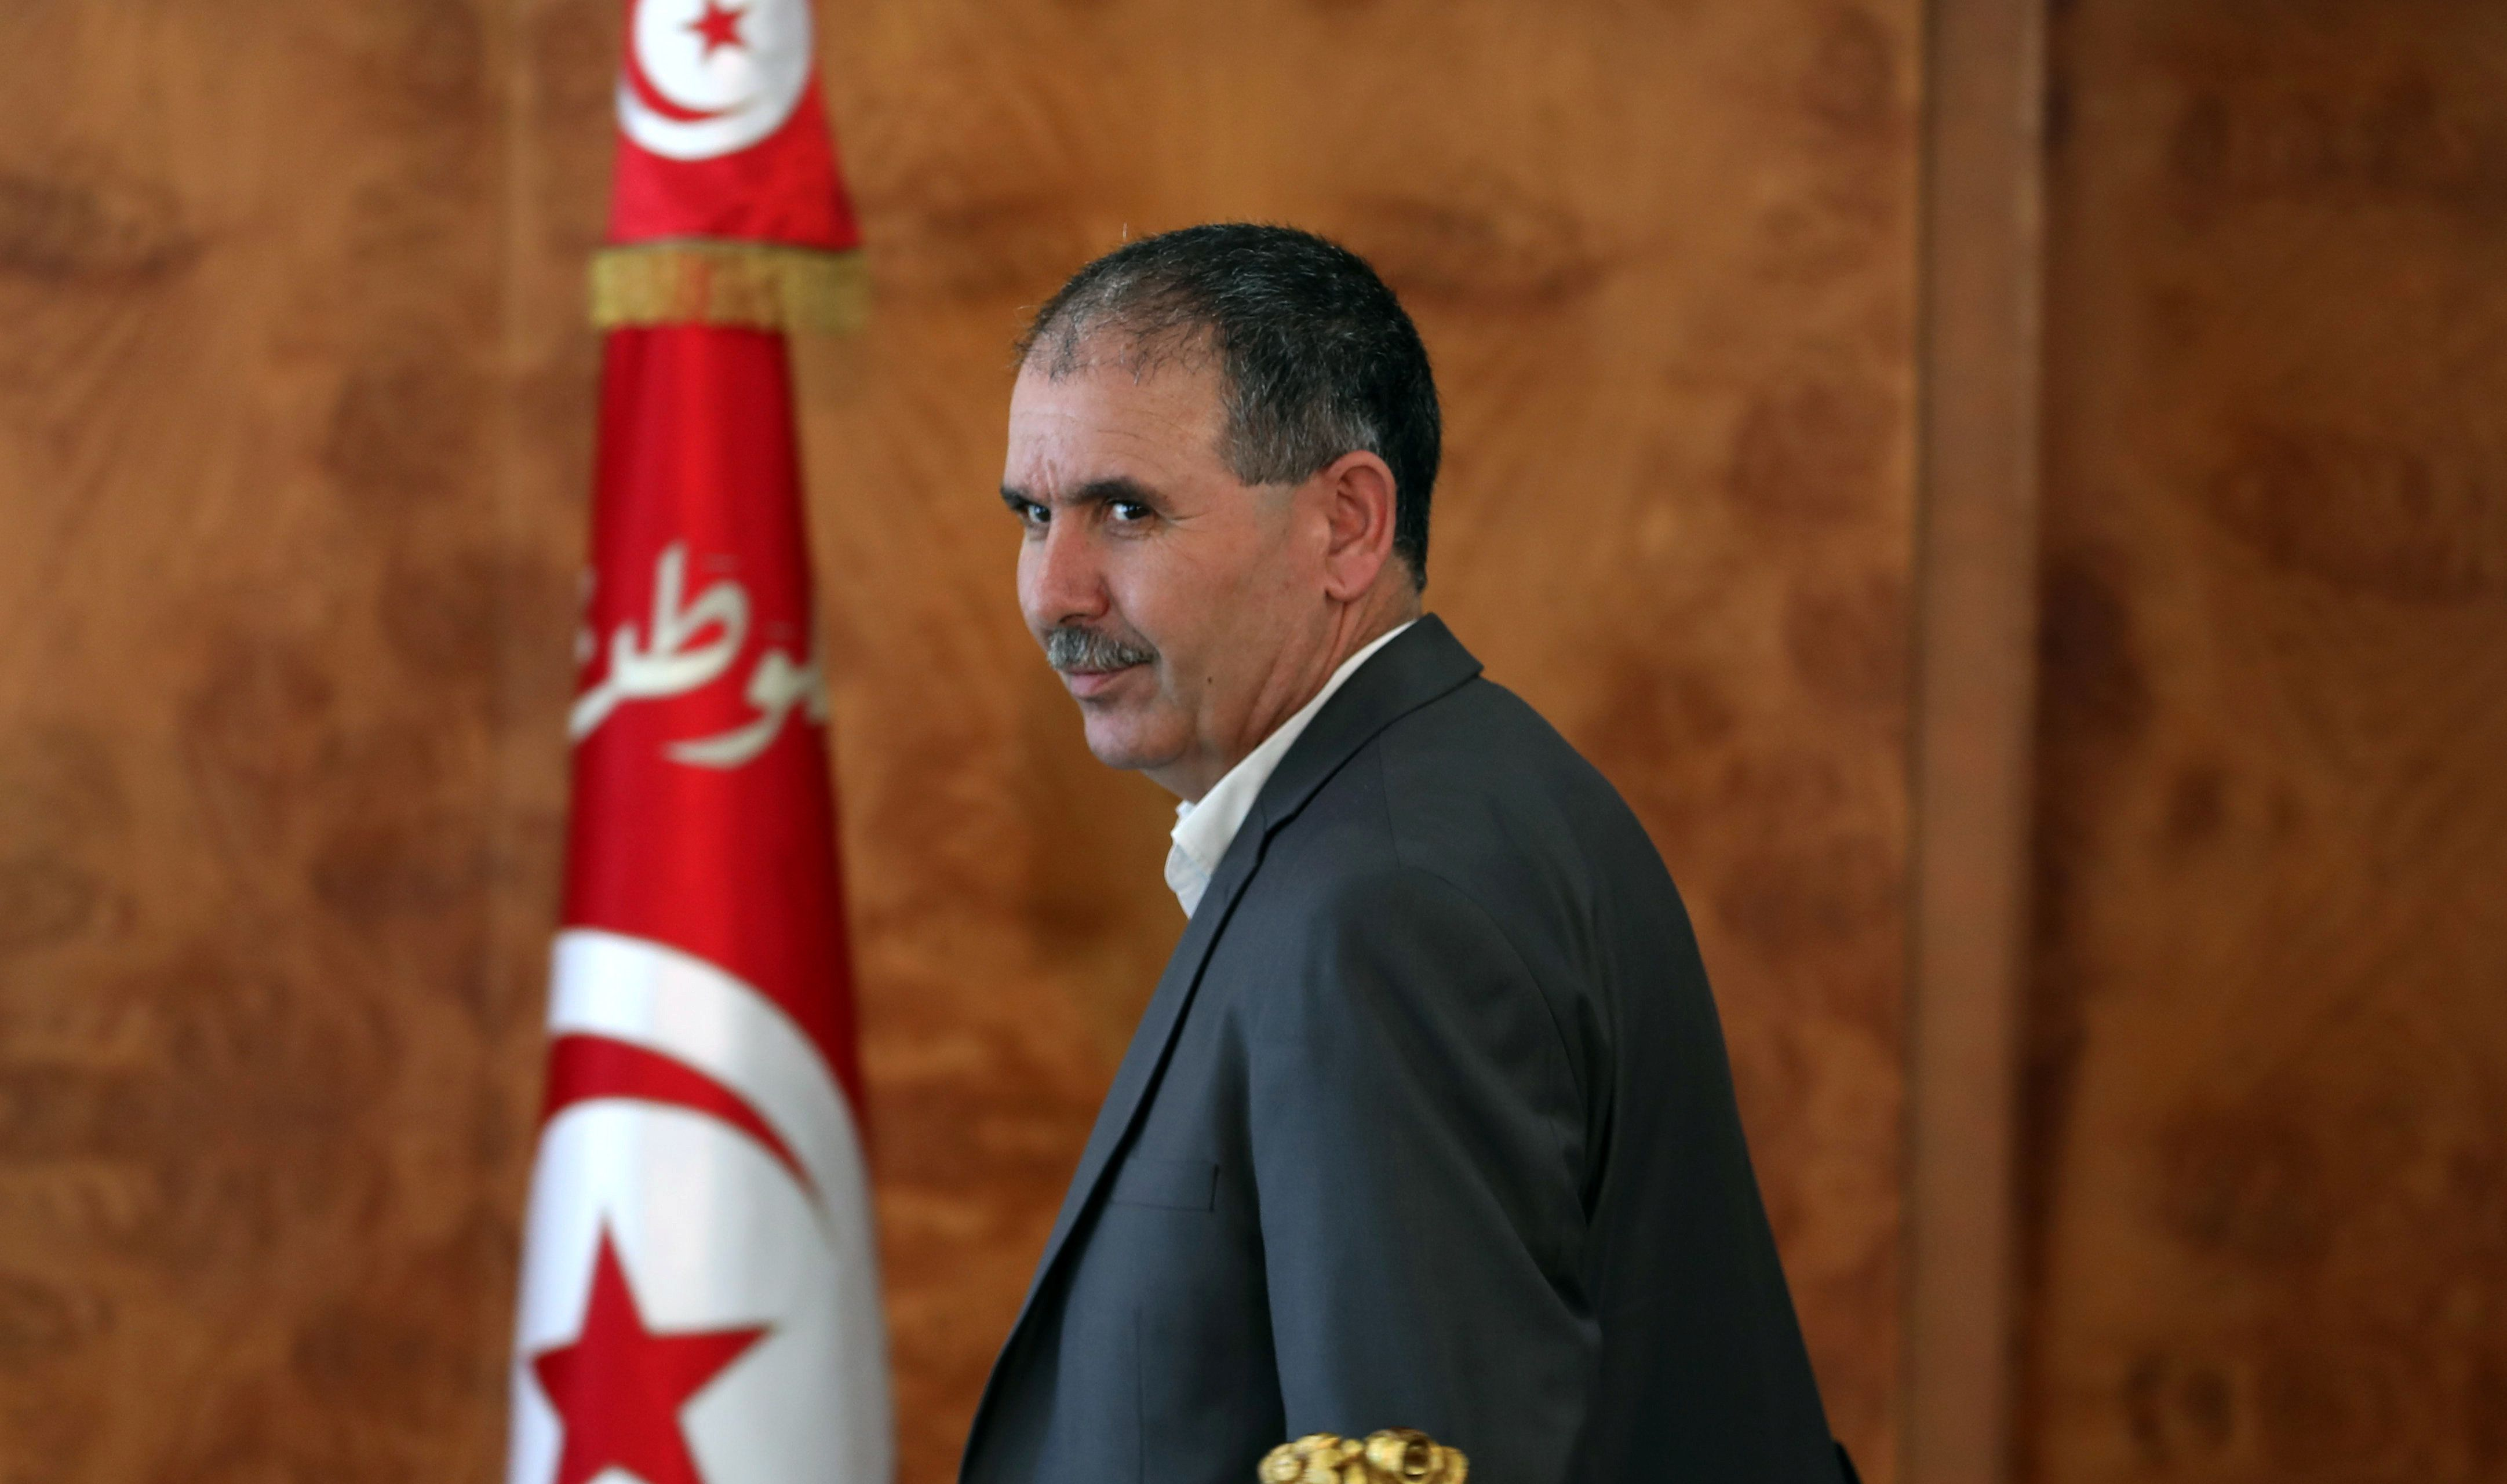 Une grève générale dans les institutions et établissements publics est à prévoir selon Noureddine